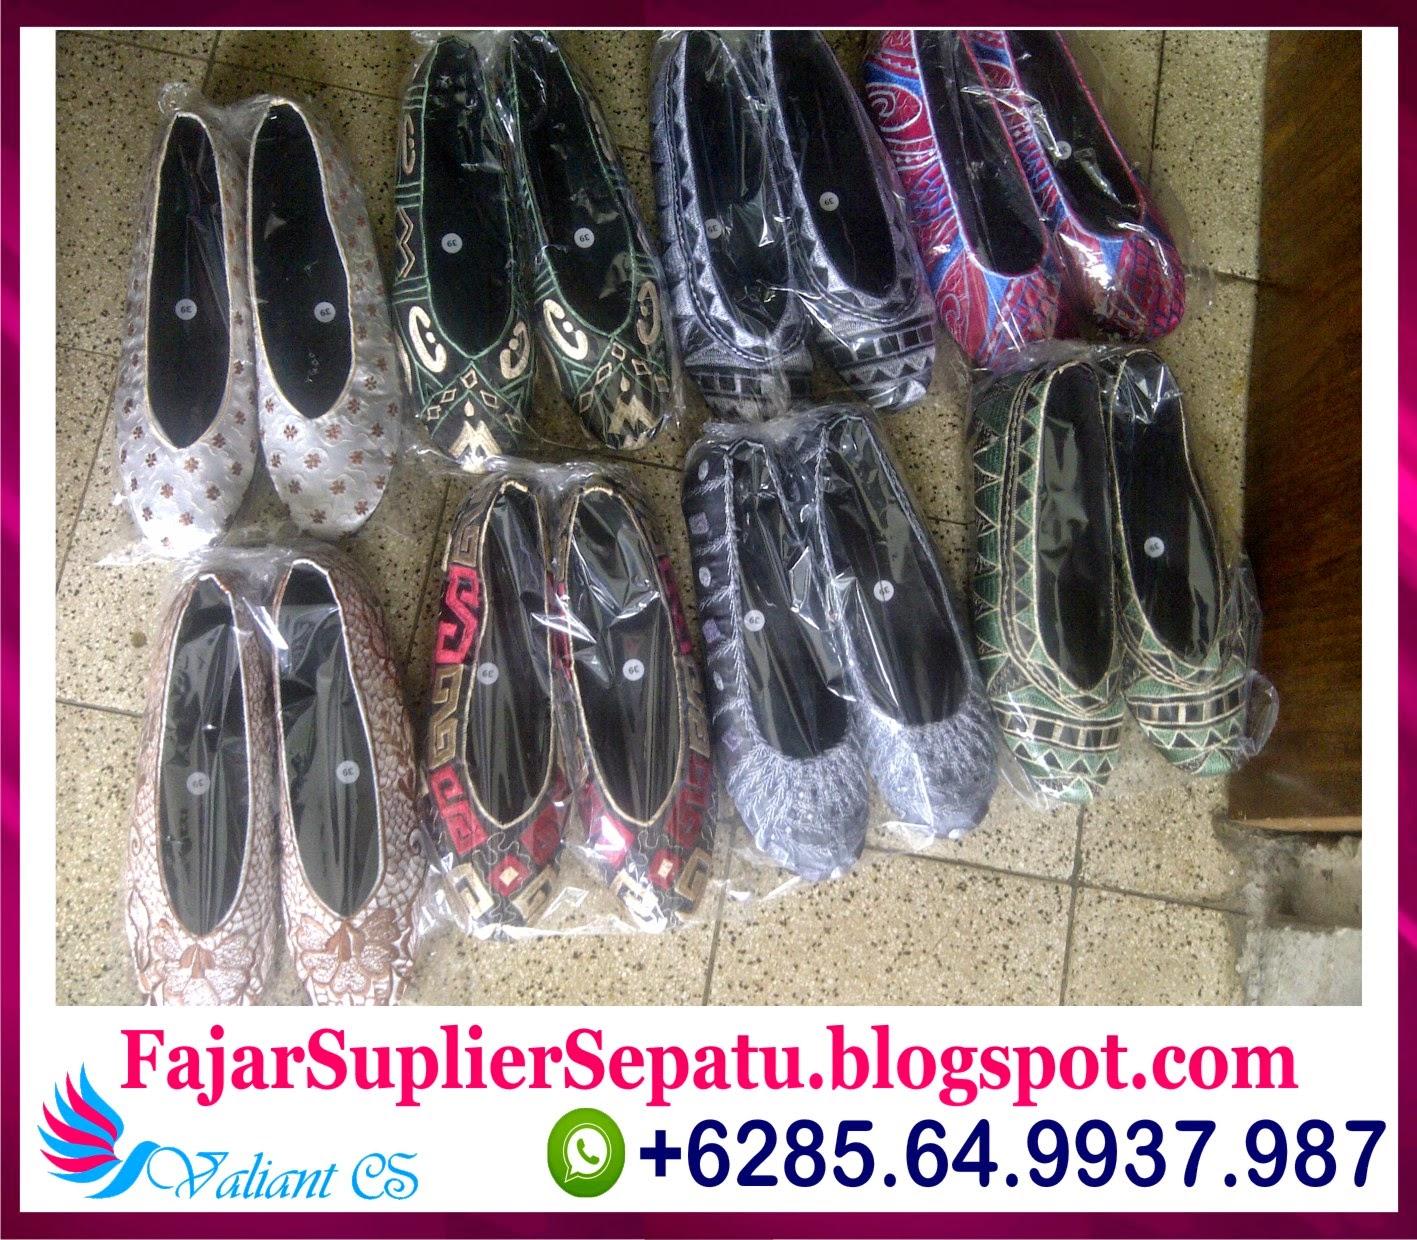 Sepatu Bordir Murah, Sepatu Bordir Murah Berkualitas, Distributor Sepatu Bordir Murah, +62.8564.993.7987